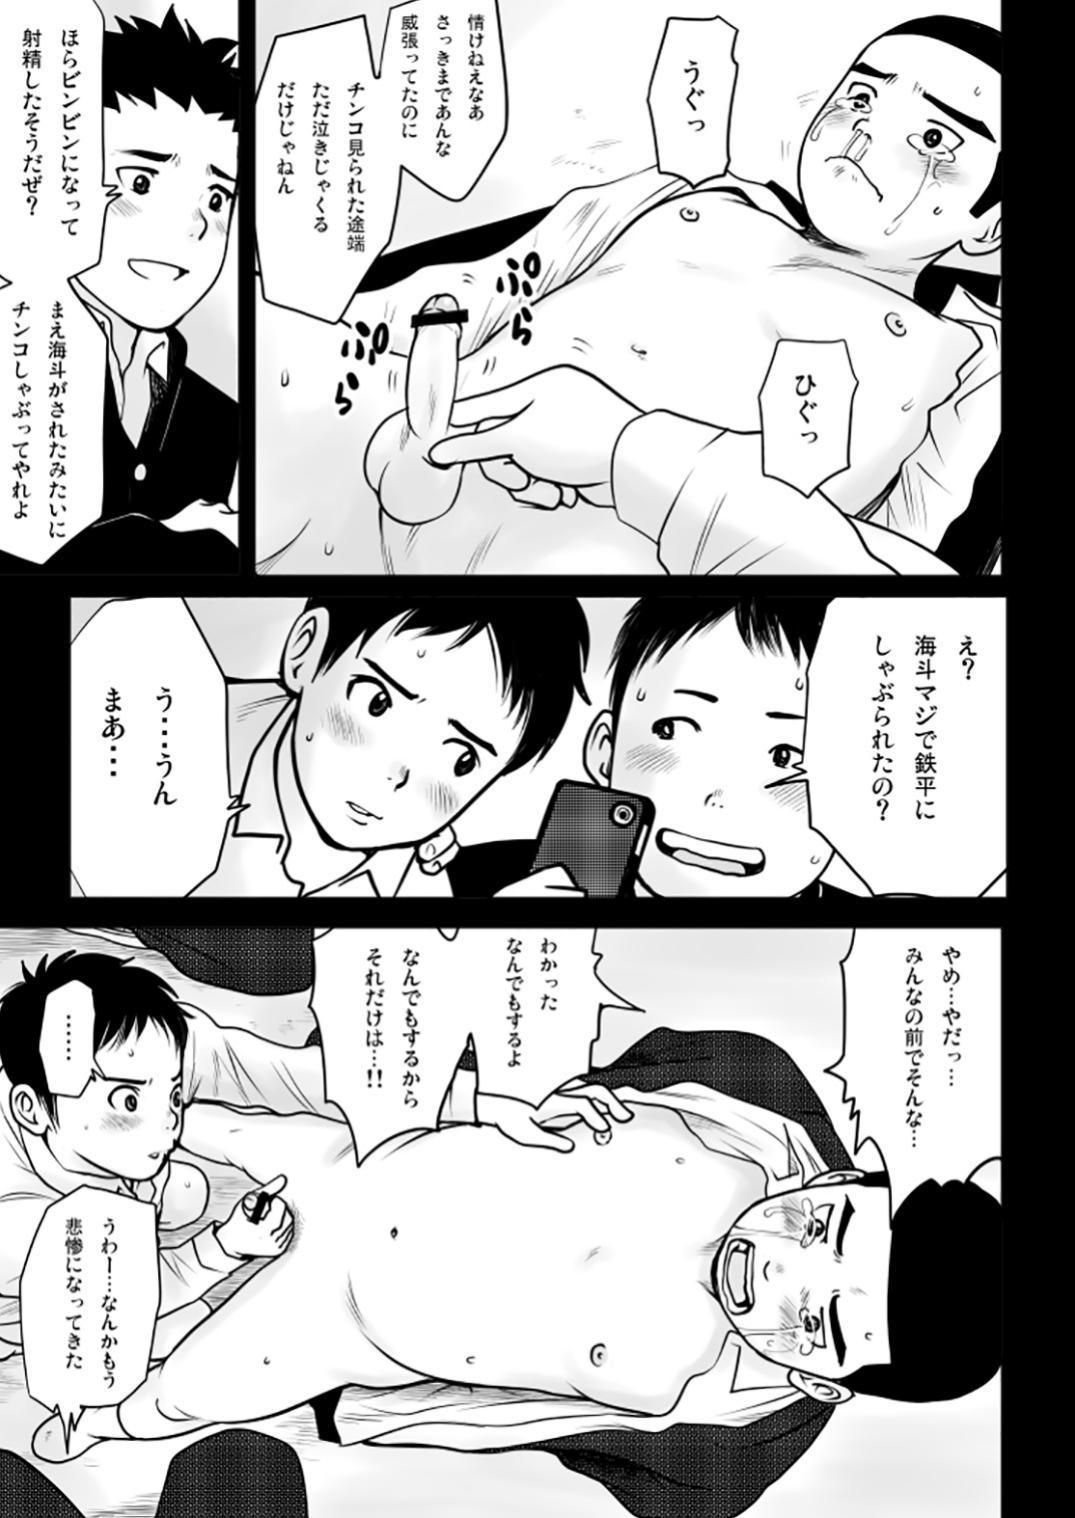 Harushota Shishunki Kāsuto 2 26